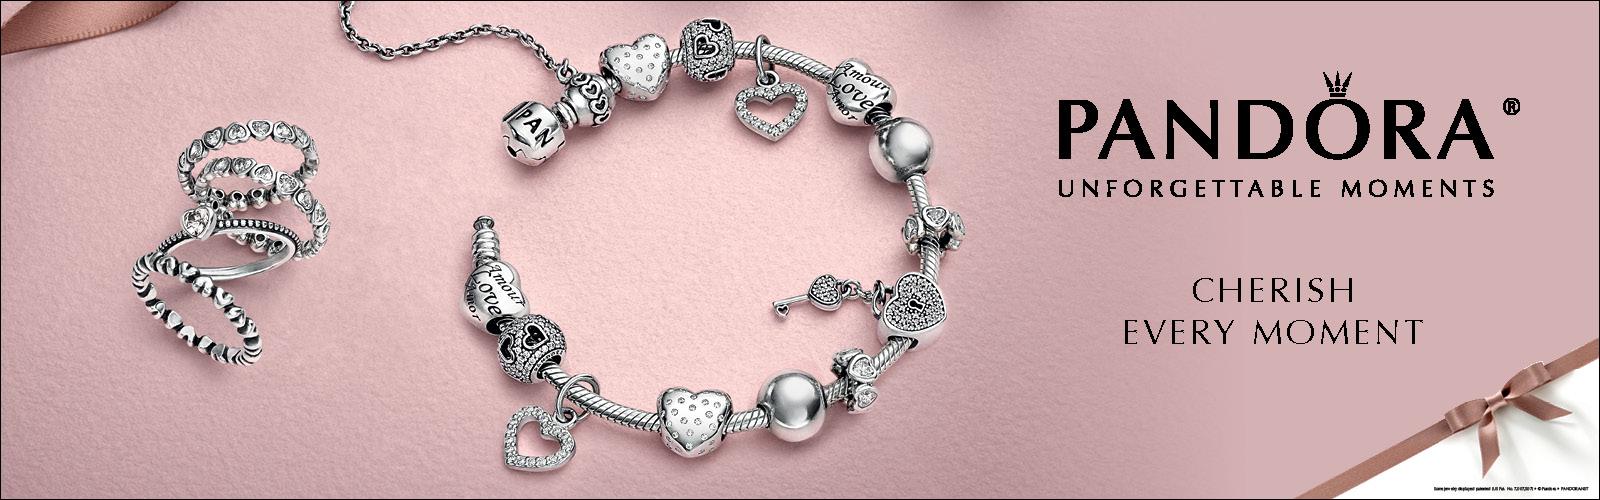 Pandora Valentines Day  2015